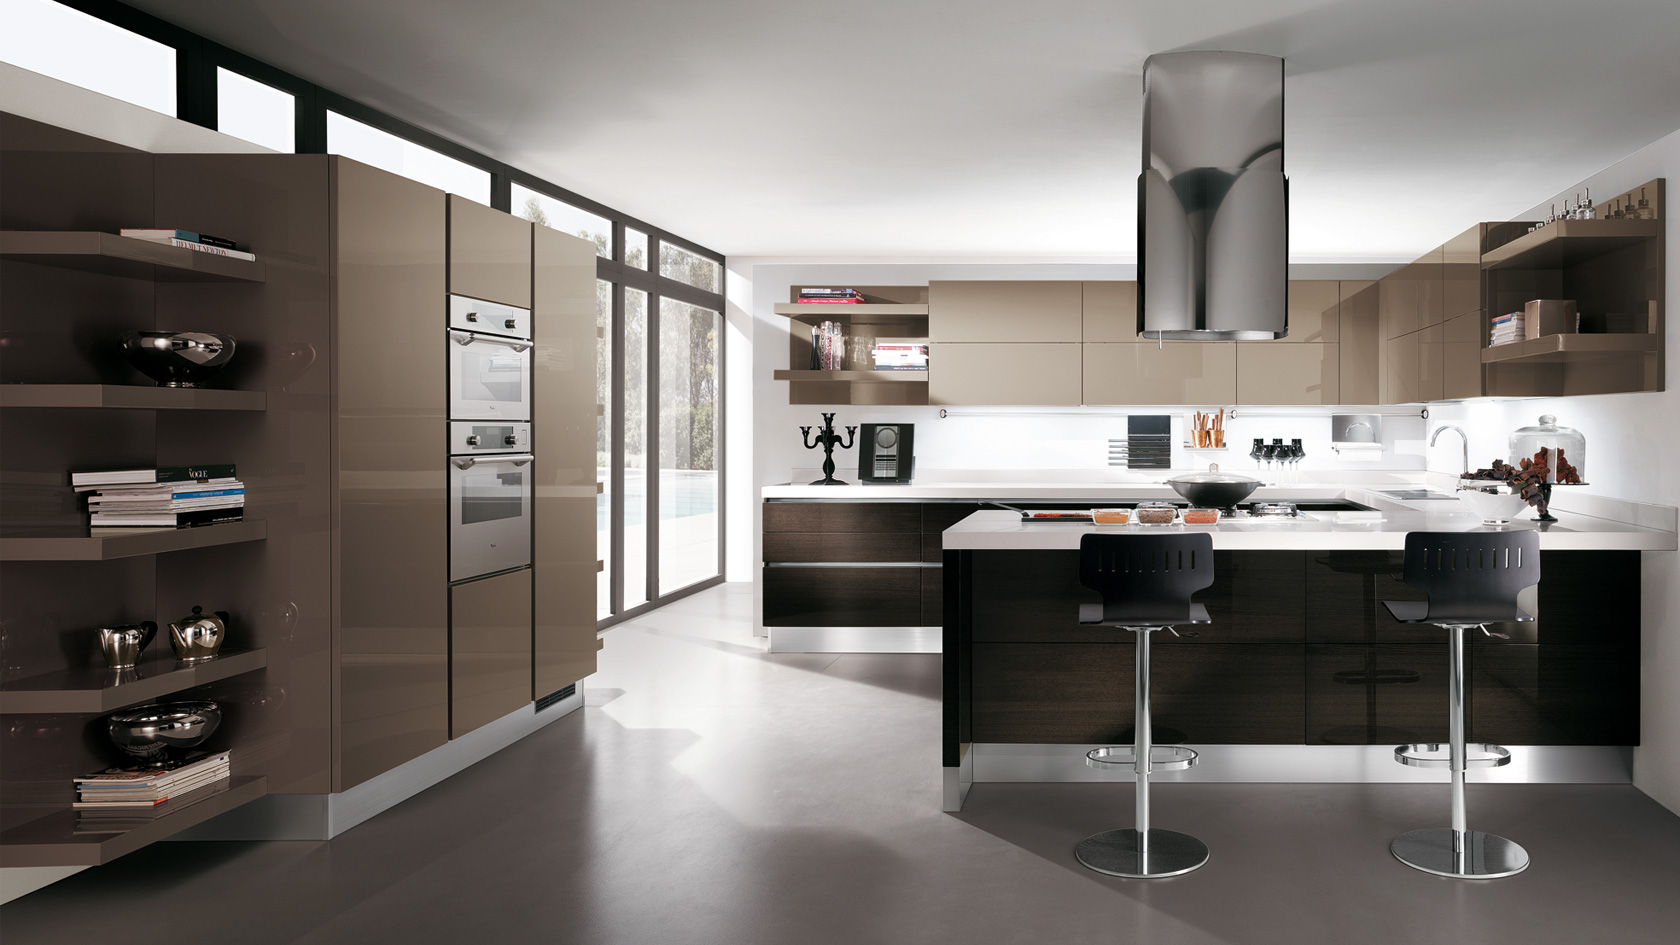 Cucine Moderne Con Isola Scavolini.Cucina Con Isola Centrale Scavolini Chefs4passion